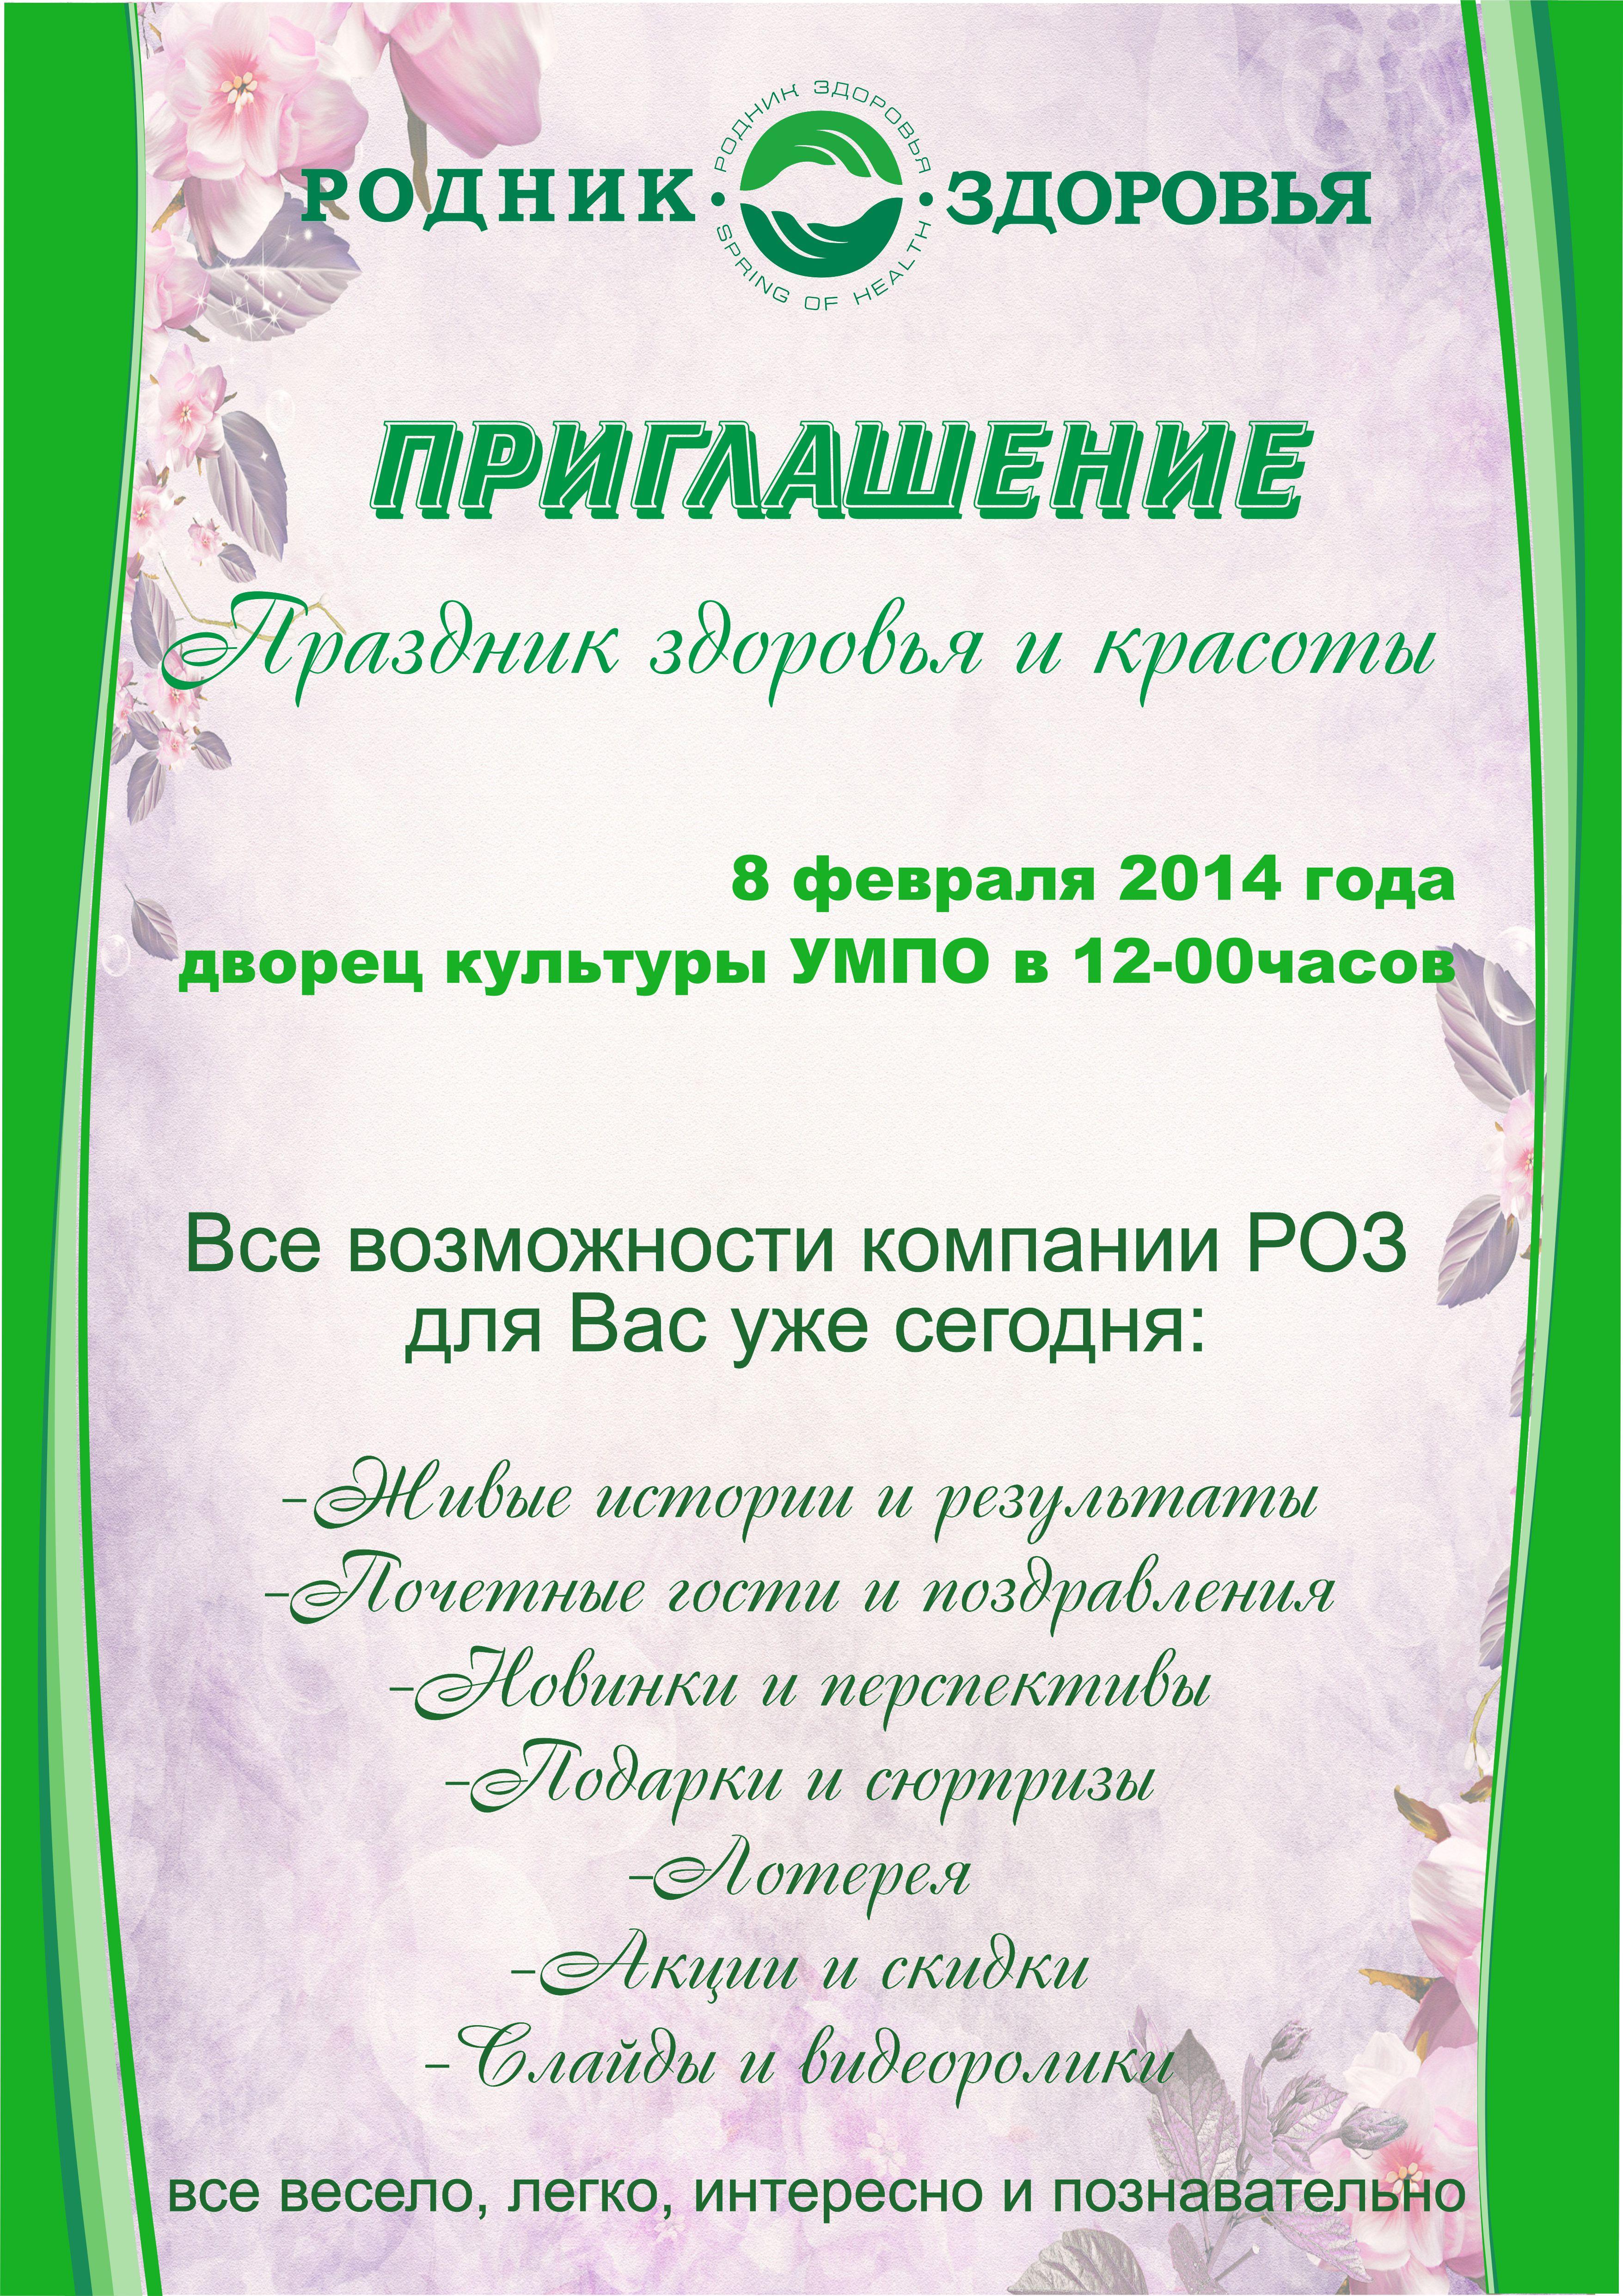 8 февраля 2014 в Уфе состоится